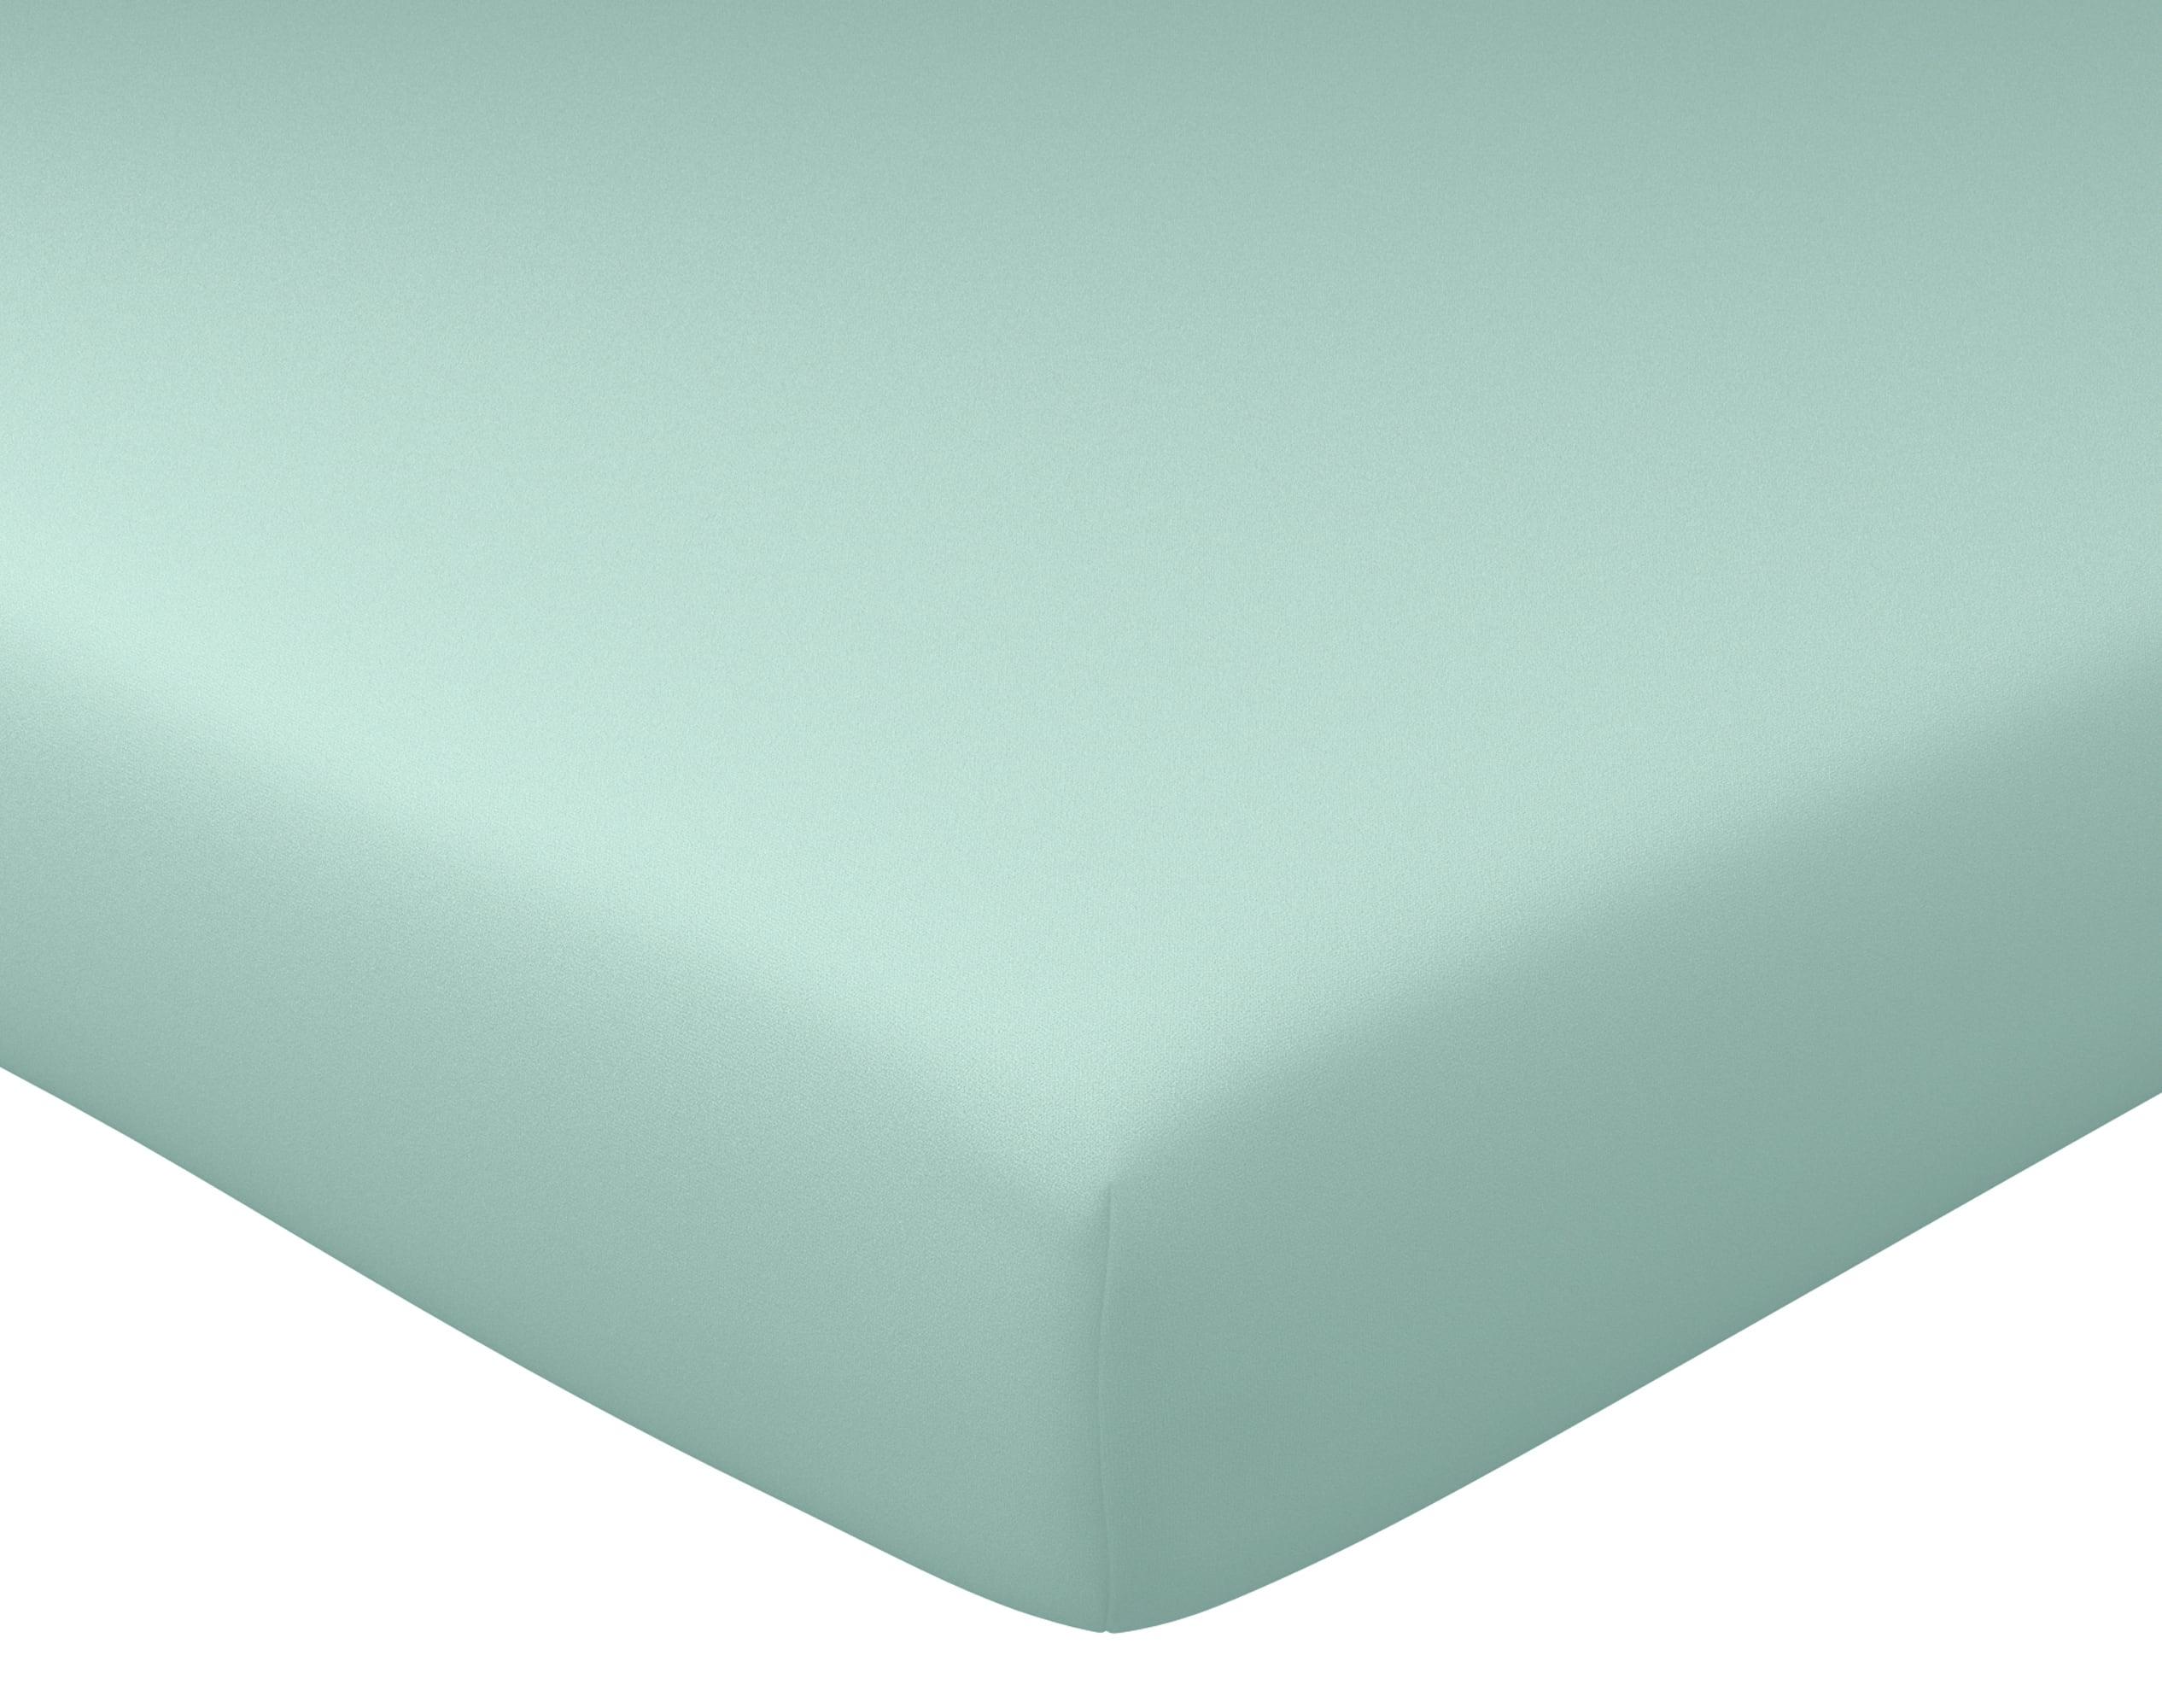 Drap-housse 140x190 en percale de coton  vert céladon